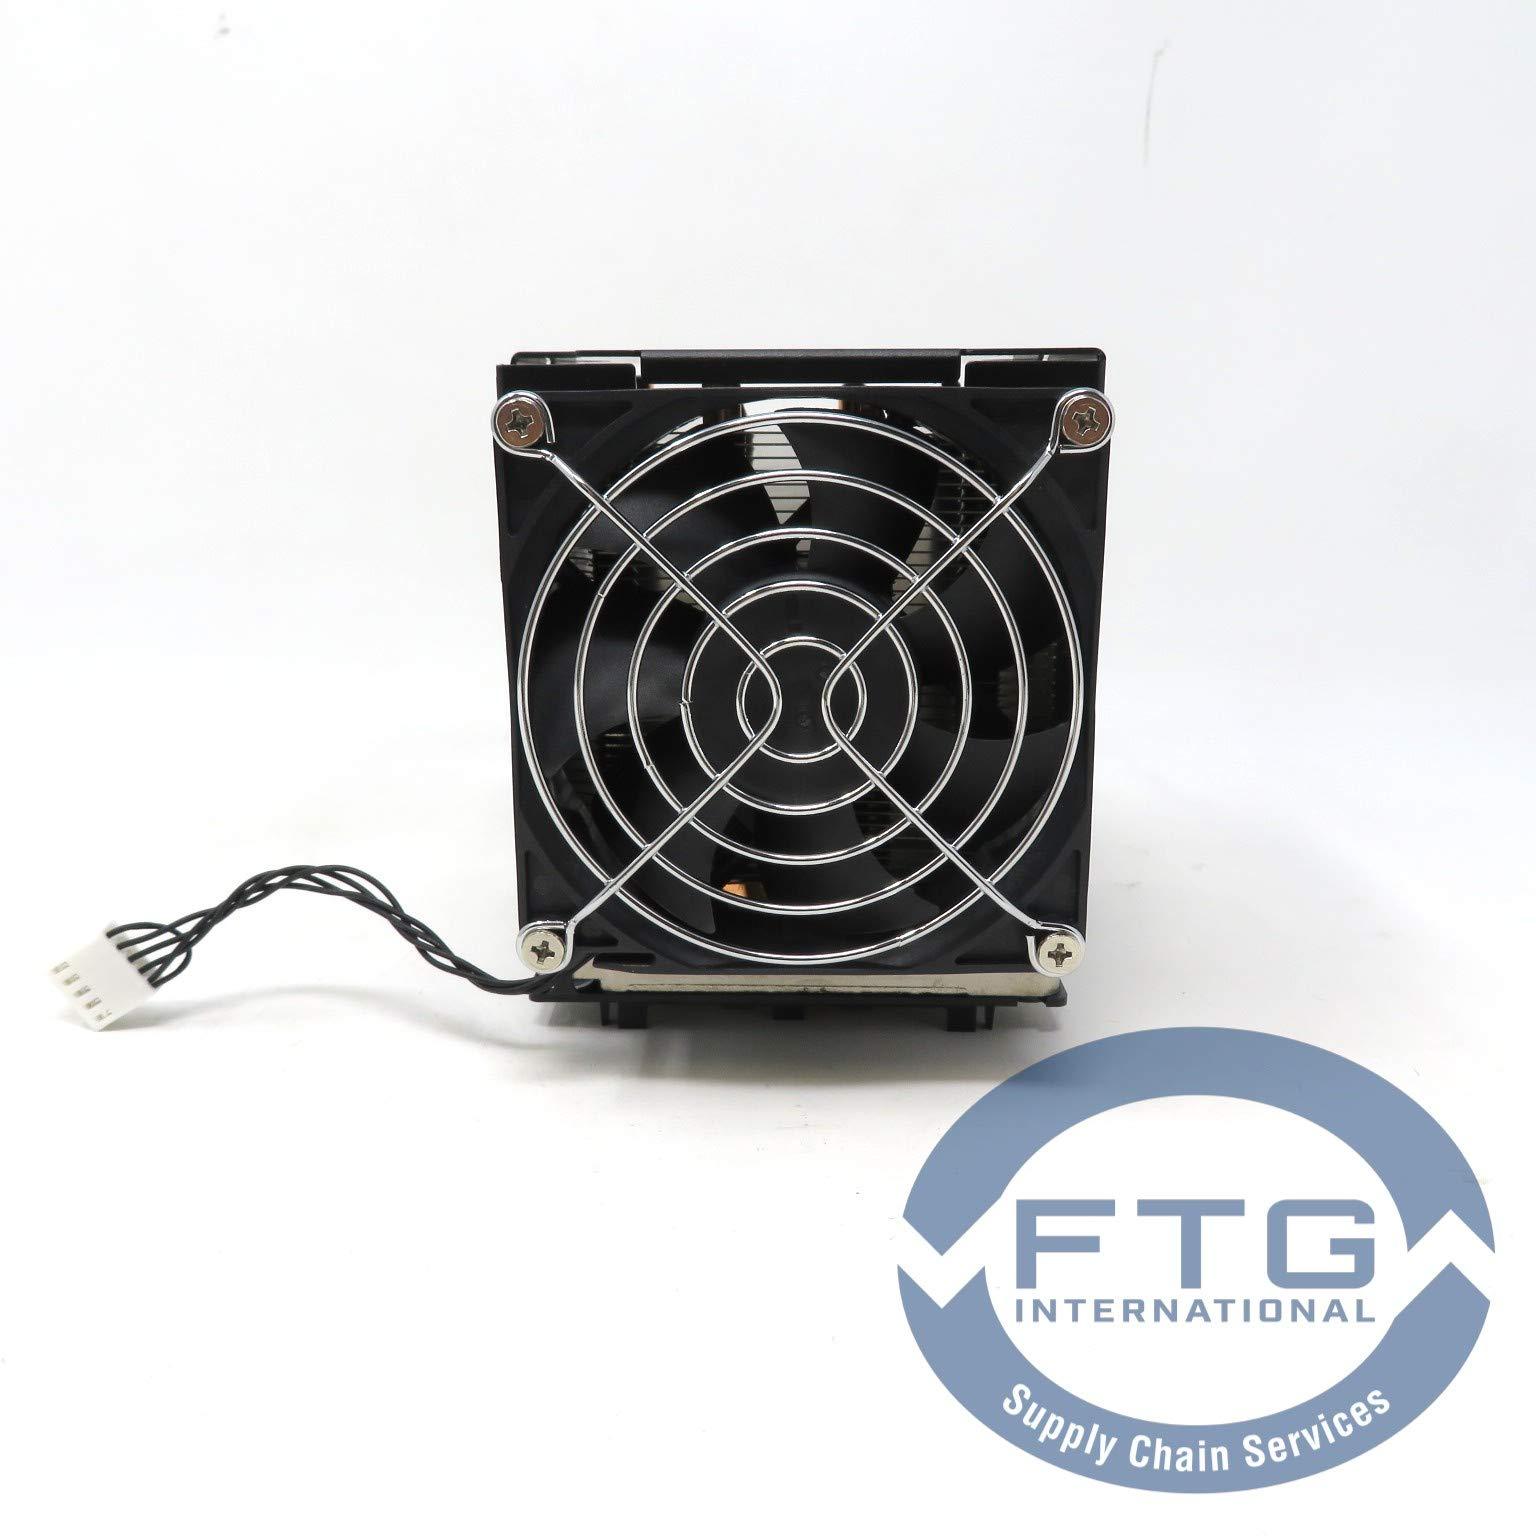 900197-001 - HP HEATSINK and Fan Assembly for HP Z6 G4 / Z8 G4